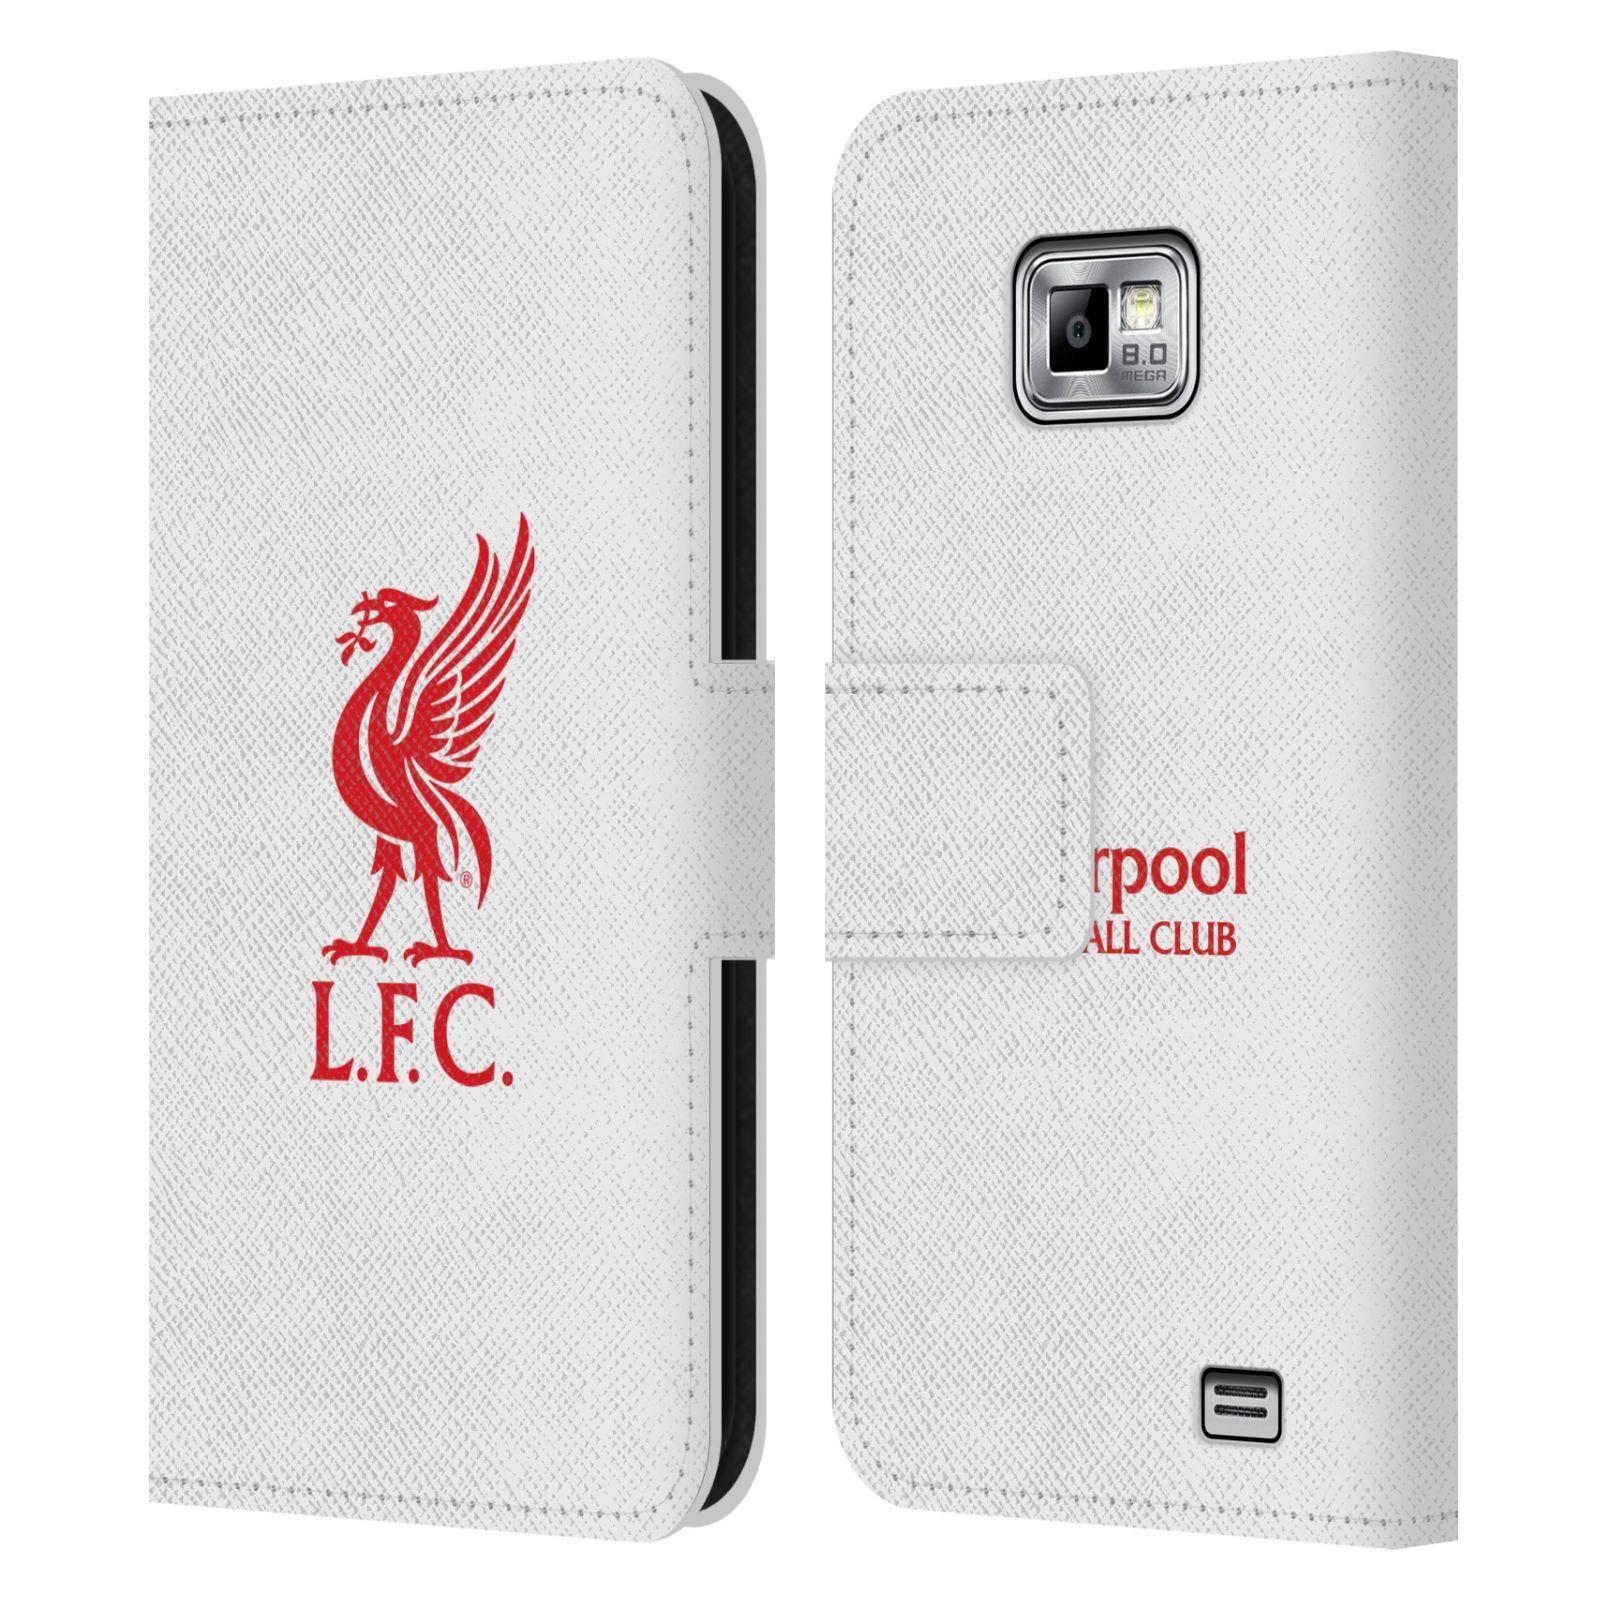 HEAD CASE Flipové pouzdro pro mobil Samsung Galaxy S2 i9100 LIVERPOOL FC OFICIÁLNÍ ZNAK červená na bílé